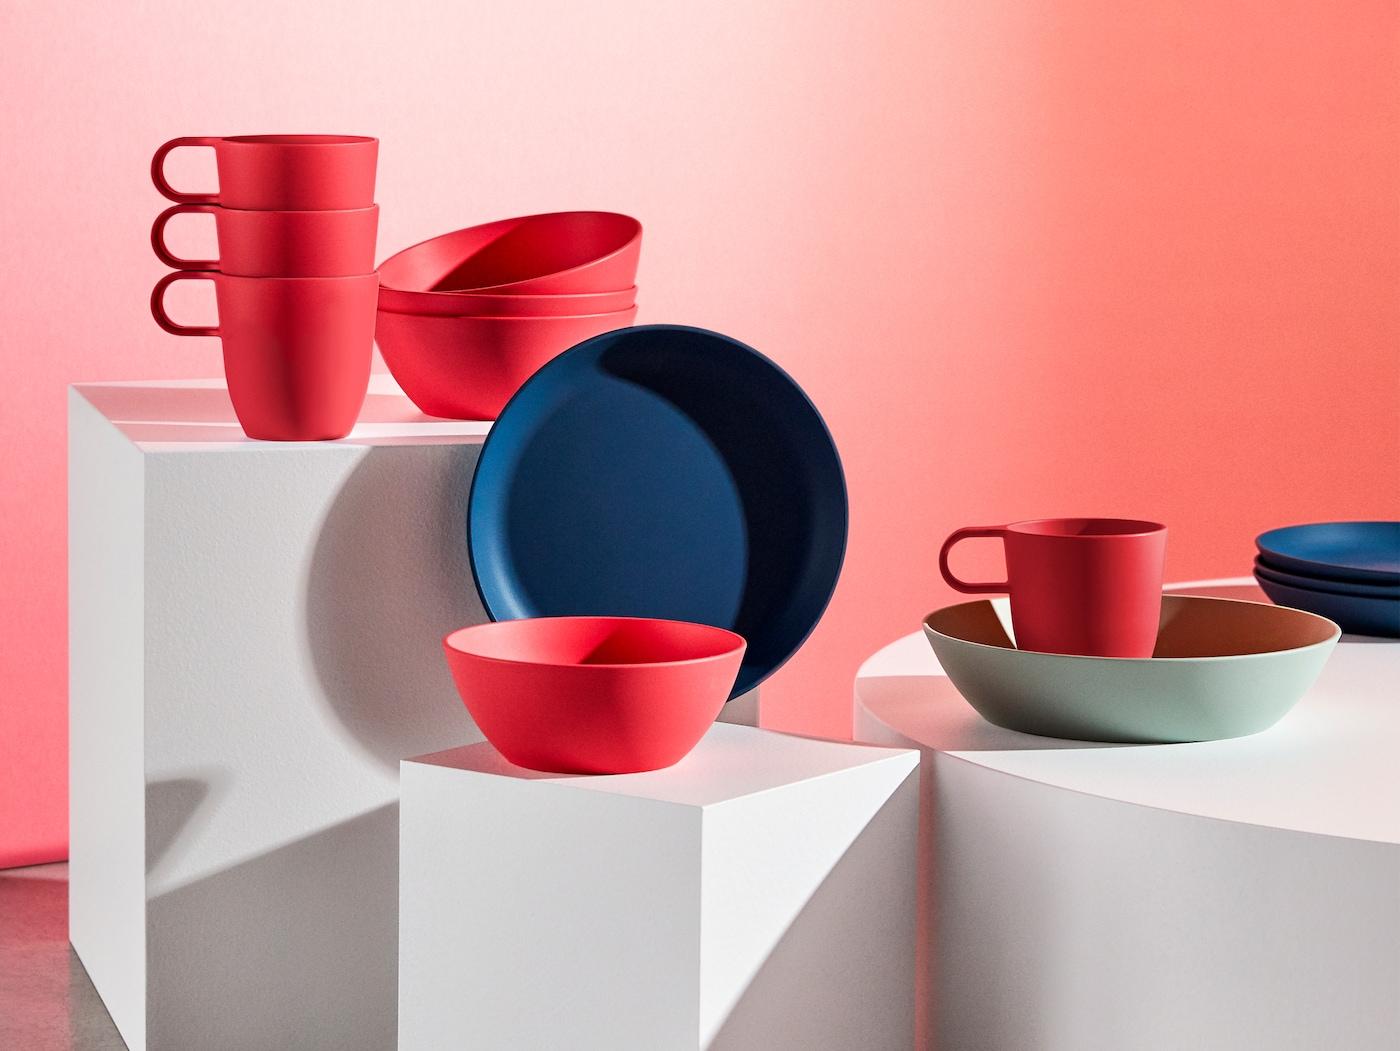 精选亮红色、浅绿色和深蓝色的 TALRIKA 塔利卡 杯子和碗盘。